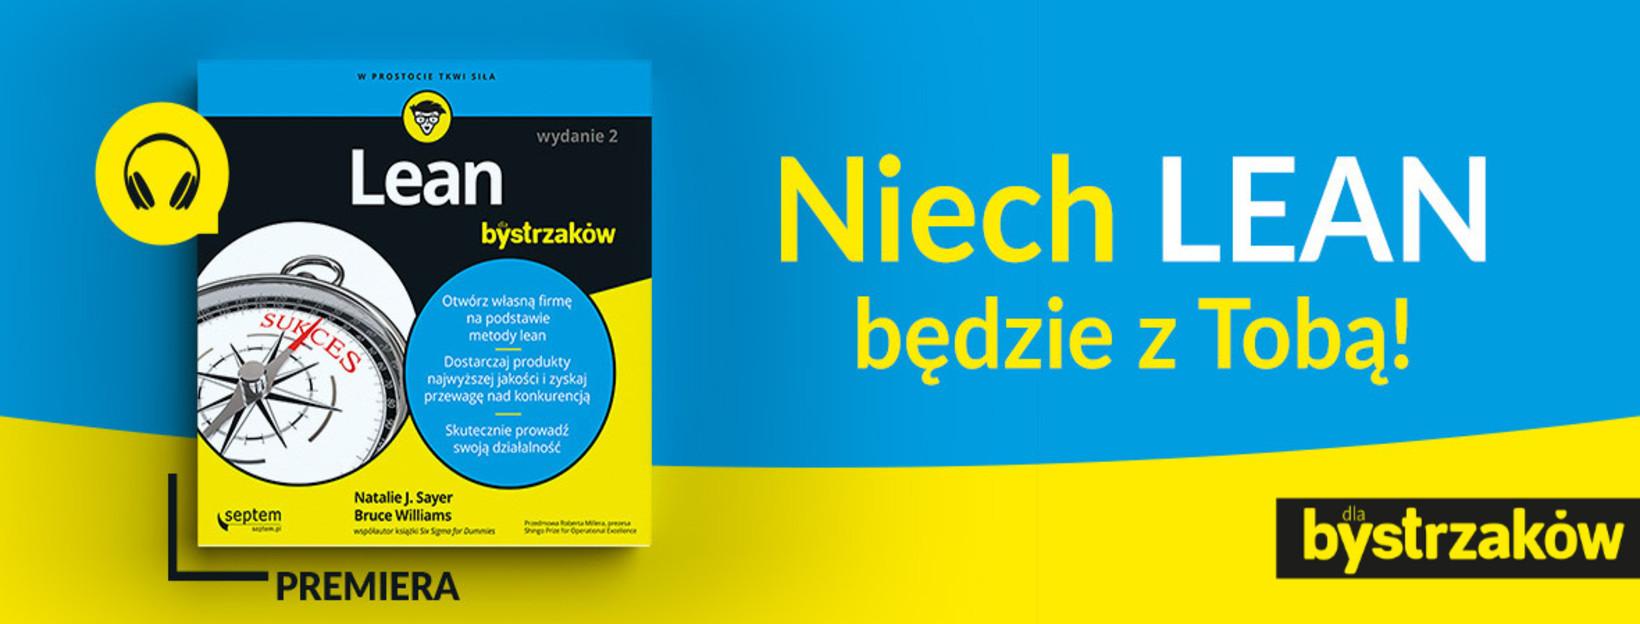 Lean Dla Bystrzaków - premiera